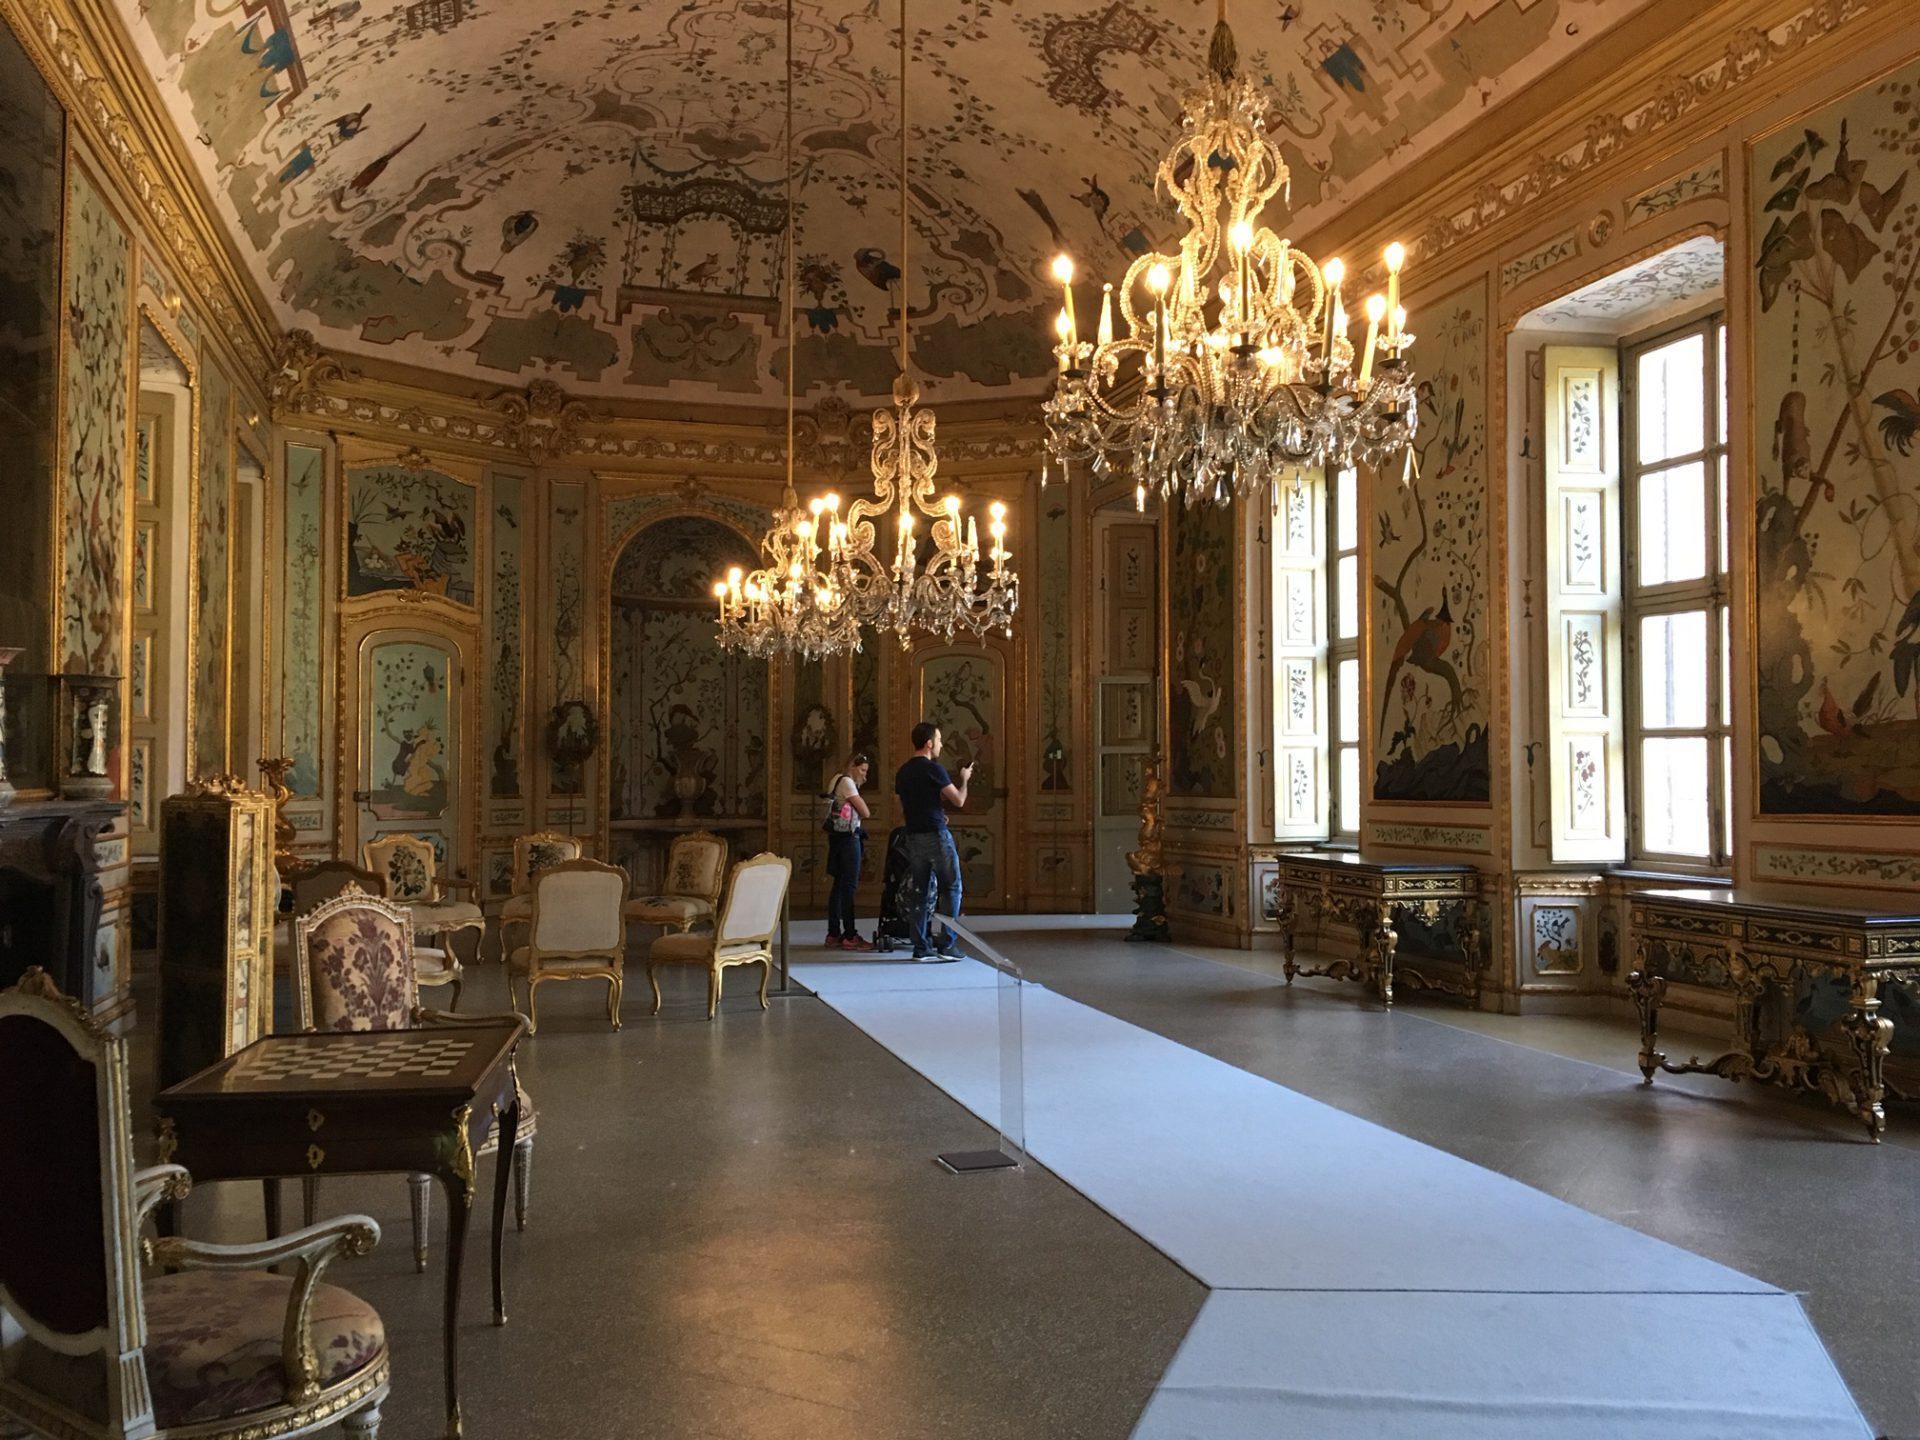 イタリア トリノのお城のシノワズリ リサブレア 神戸のインテリア